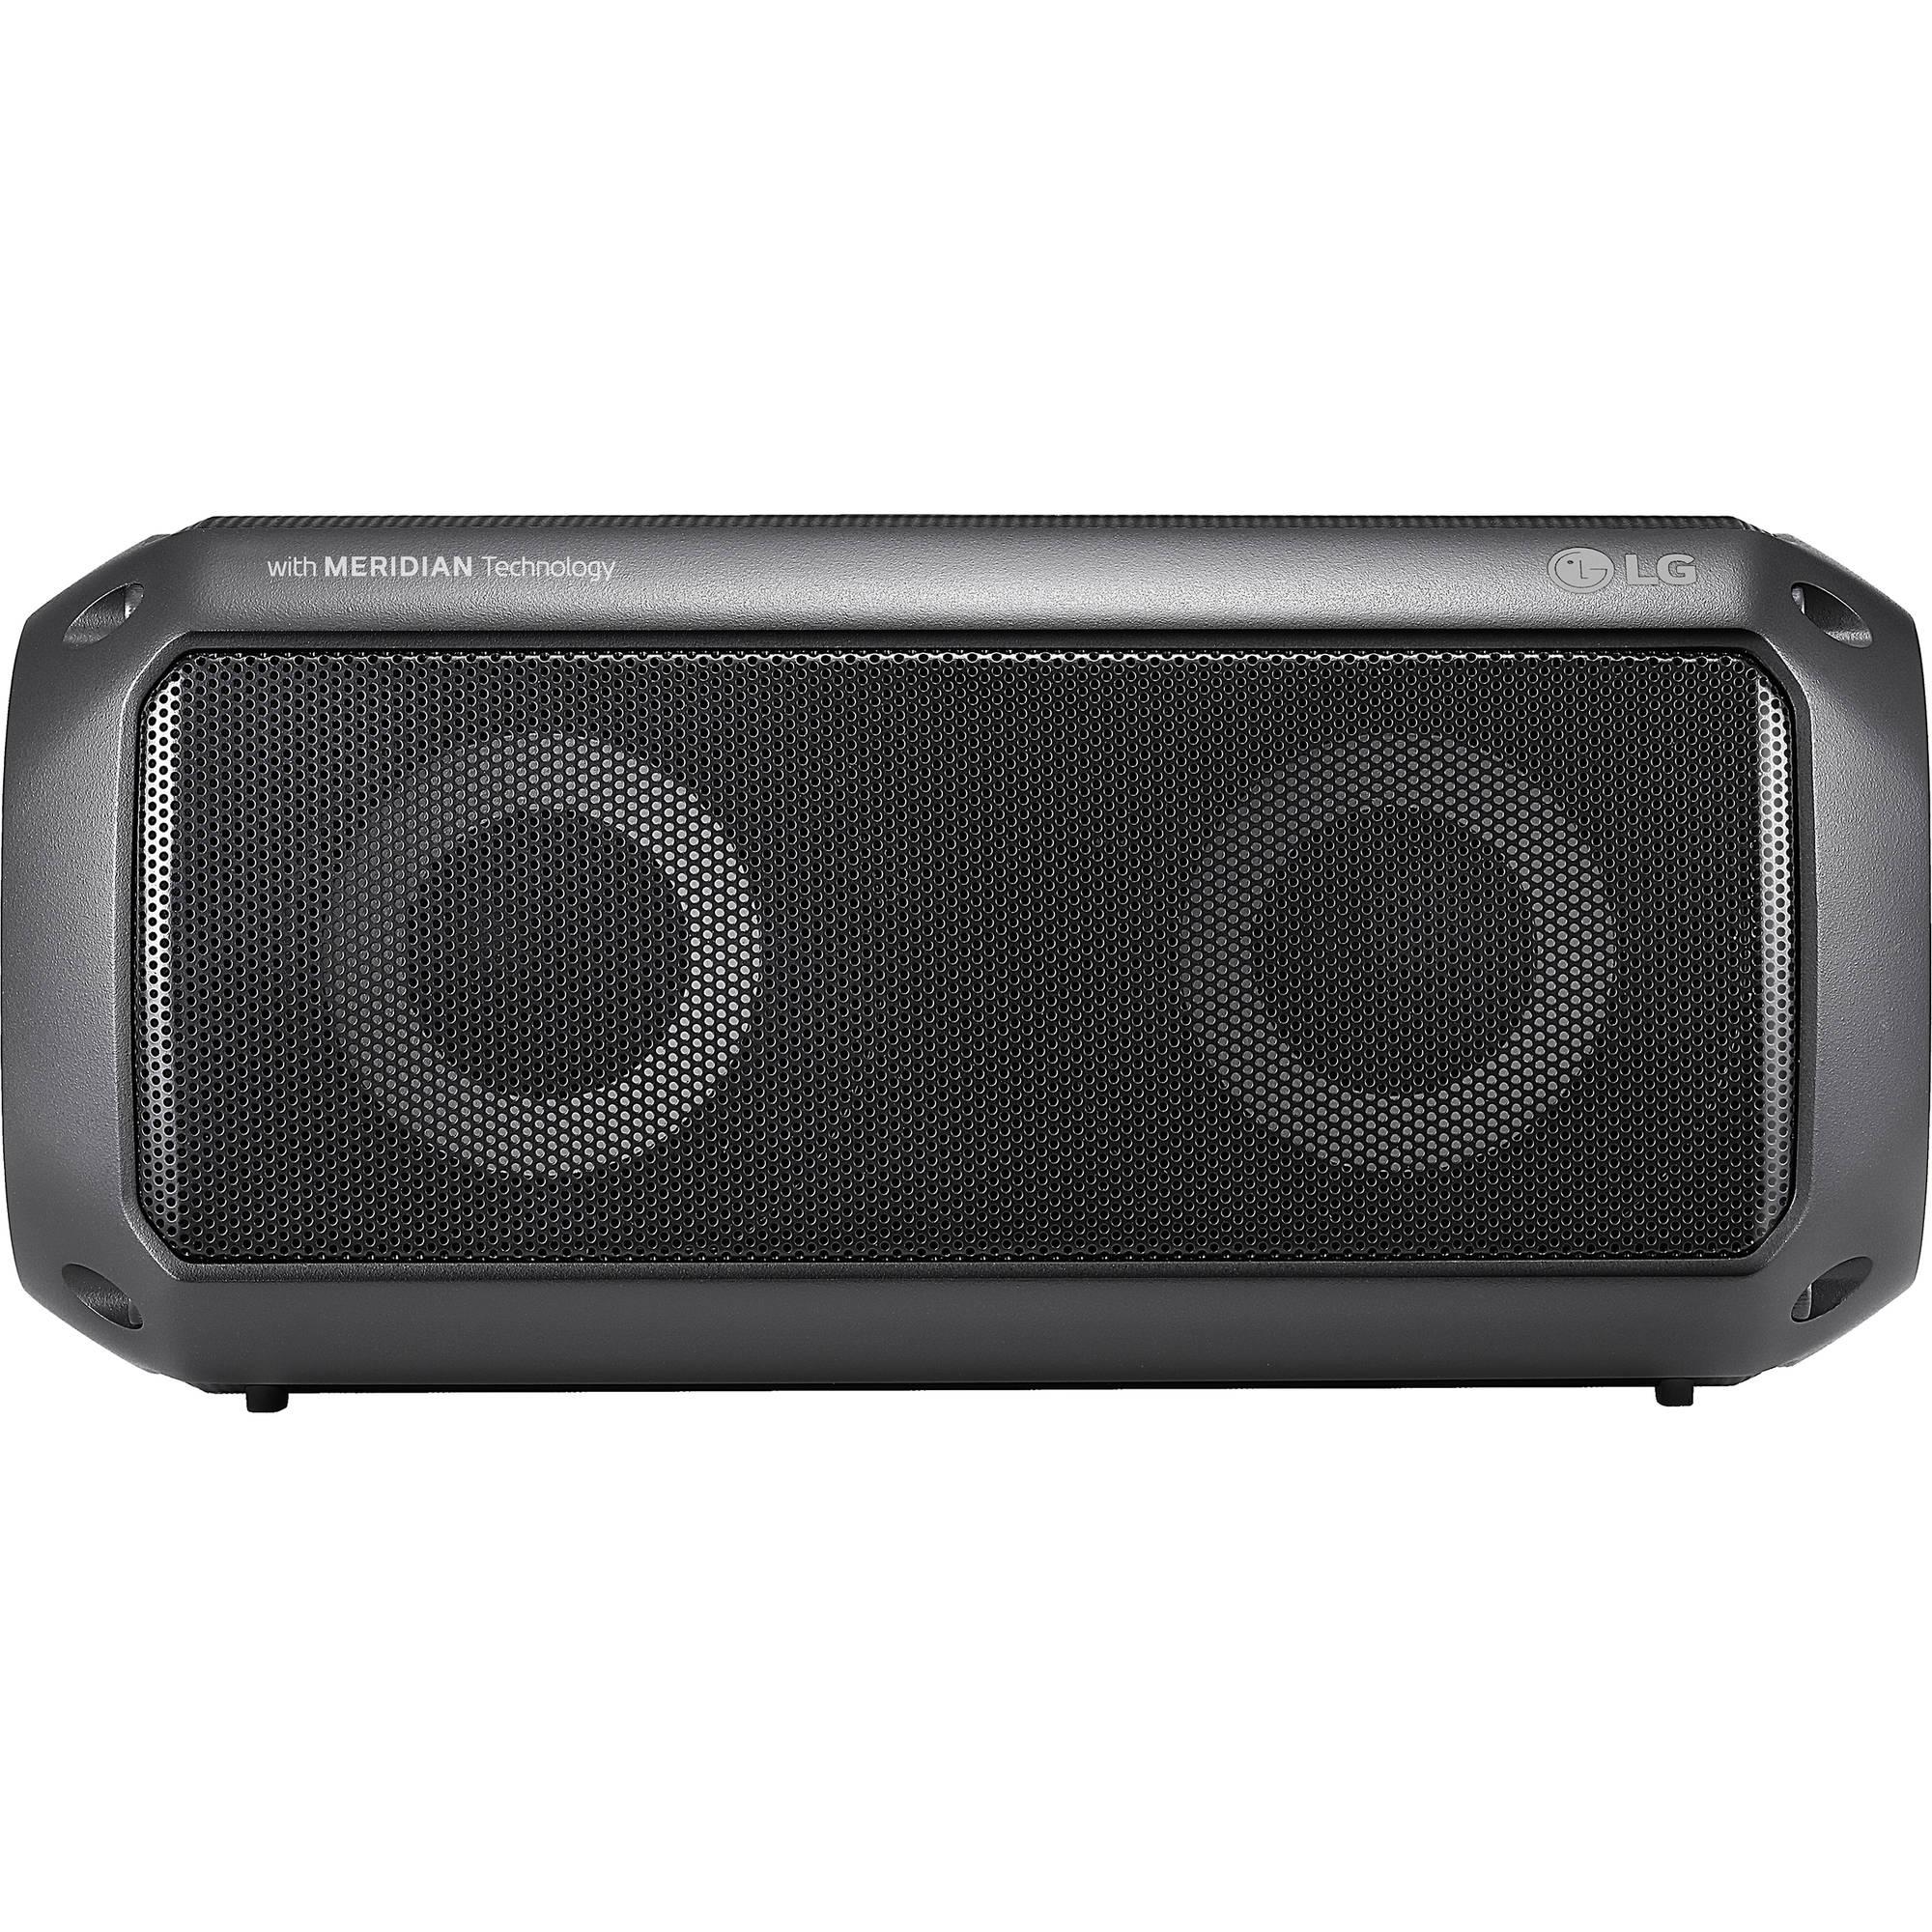 Wireless LG PK3 IPX-7 Waterproof Portable Bluetooth Speaker